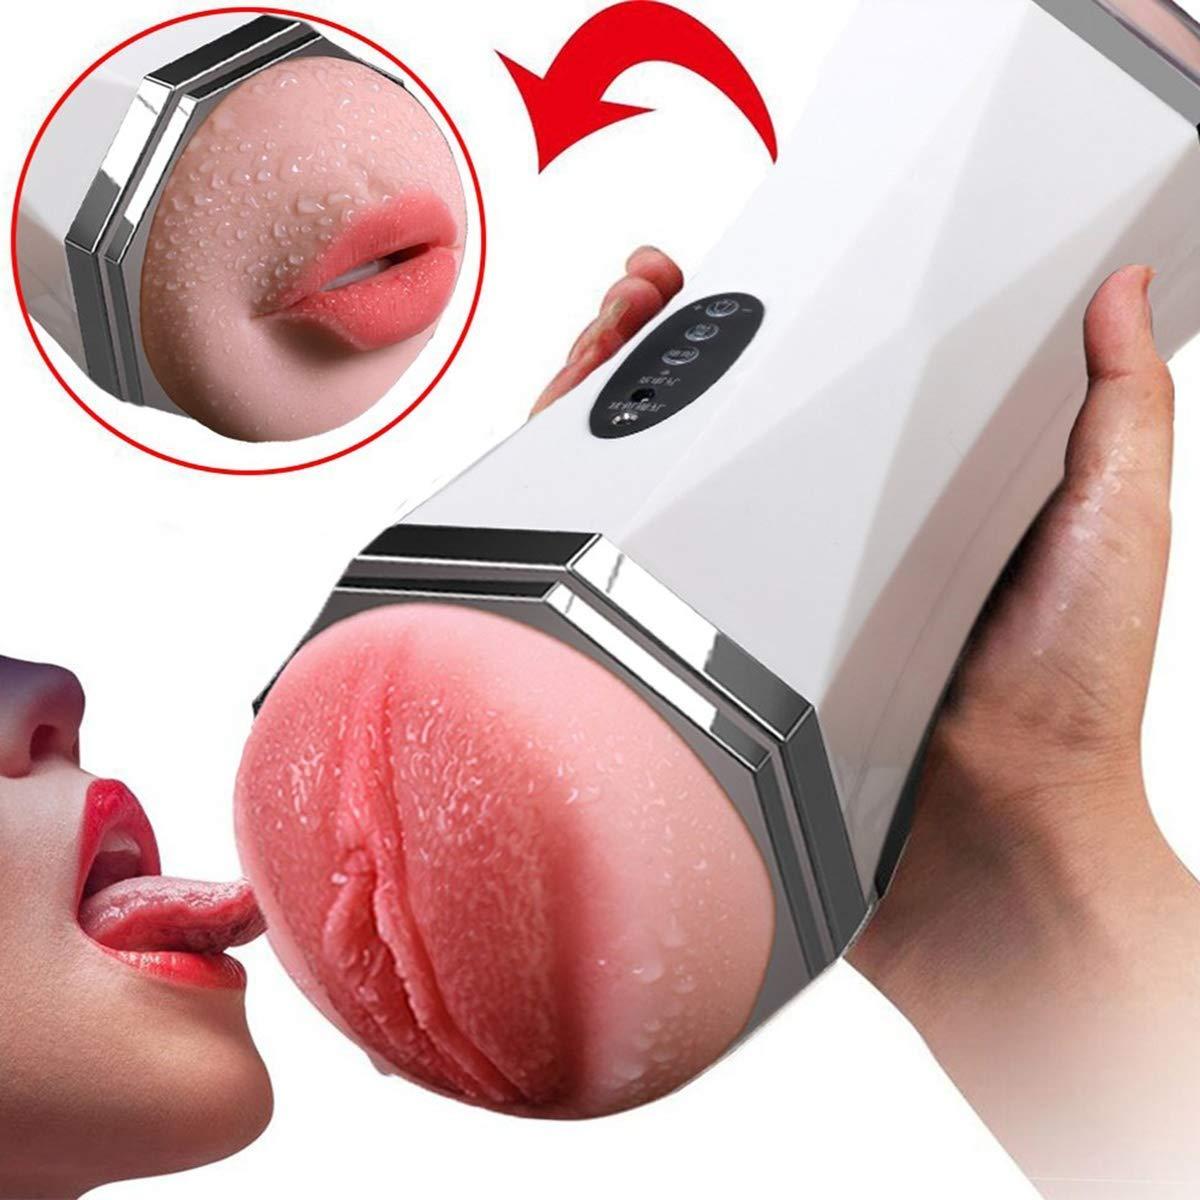 Vibrating Male Electric Massager Relaxlation Cup Men's Delay Trainer for Men Couples M-à-l-é M-à-s-tÜrbatôr M-à-s-tÛrbér Màst-Û-r-batiôn Ma-s-t-Û-ratôr ç-Û-p